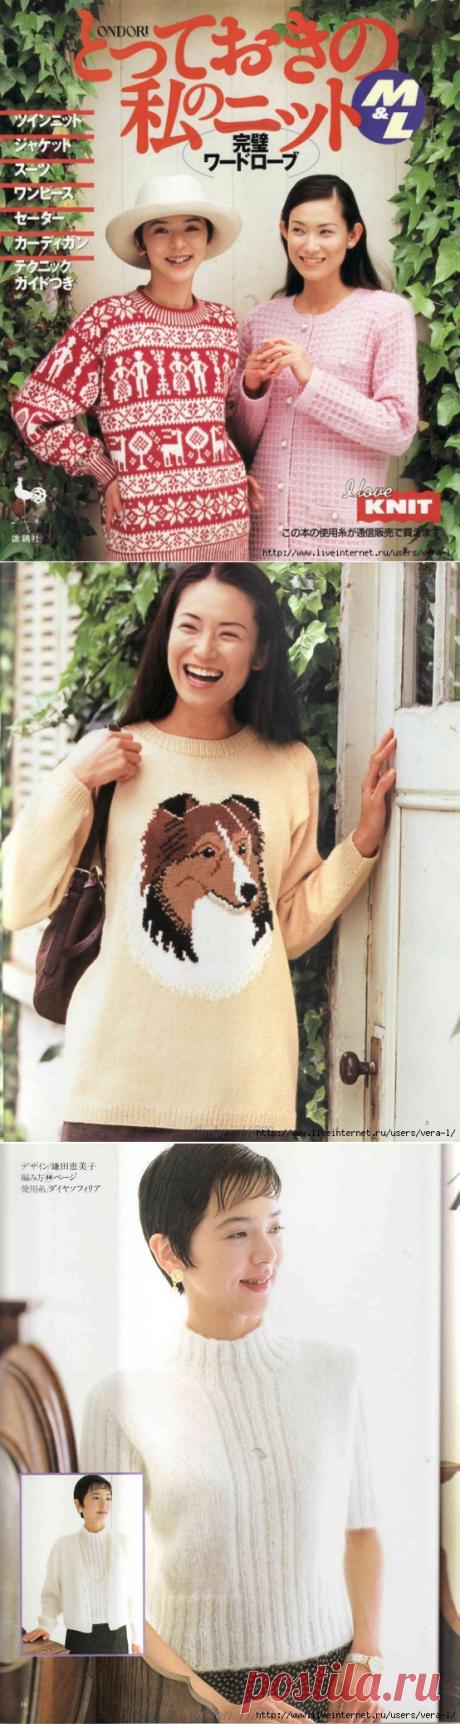 «Ondori I love Knit №11280»